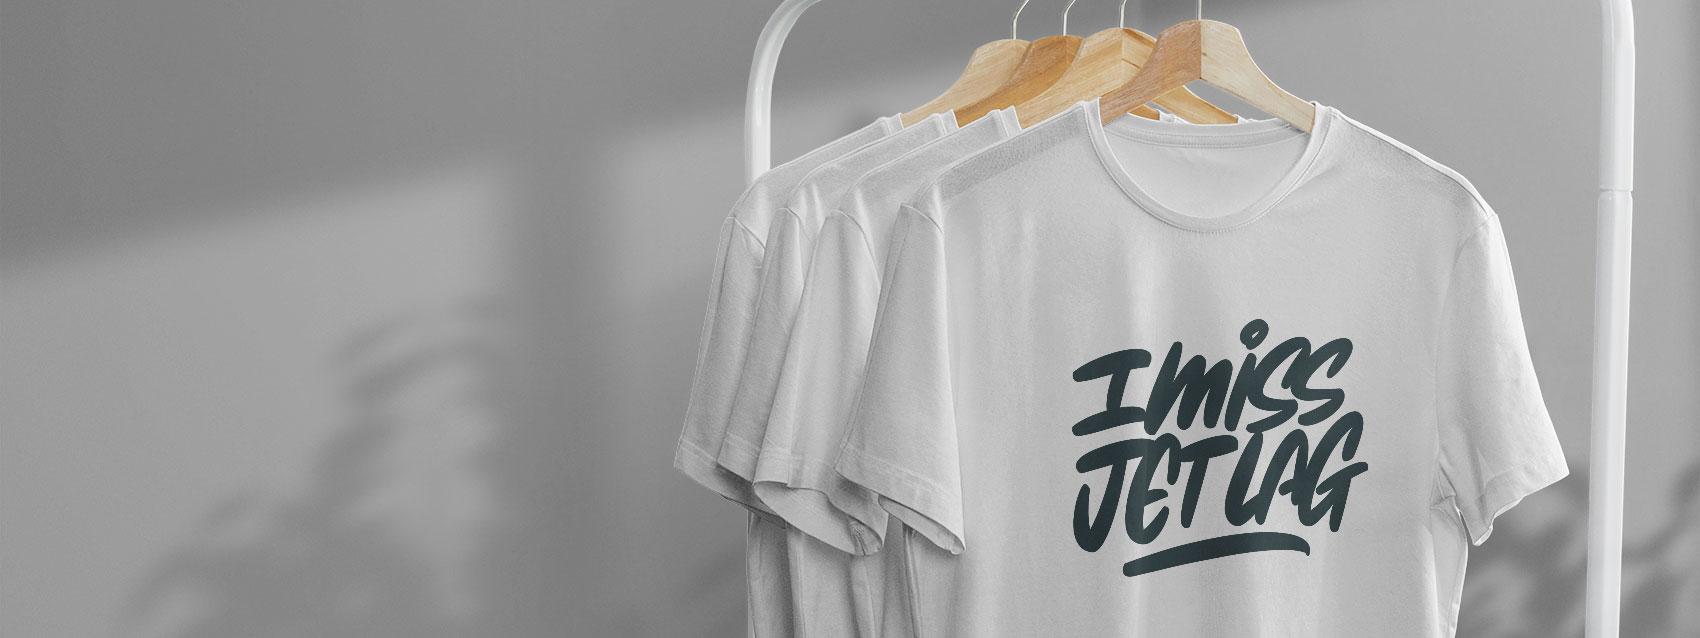 I Miss Jet Lag t shirt